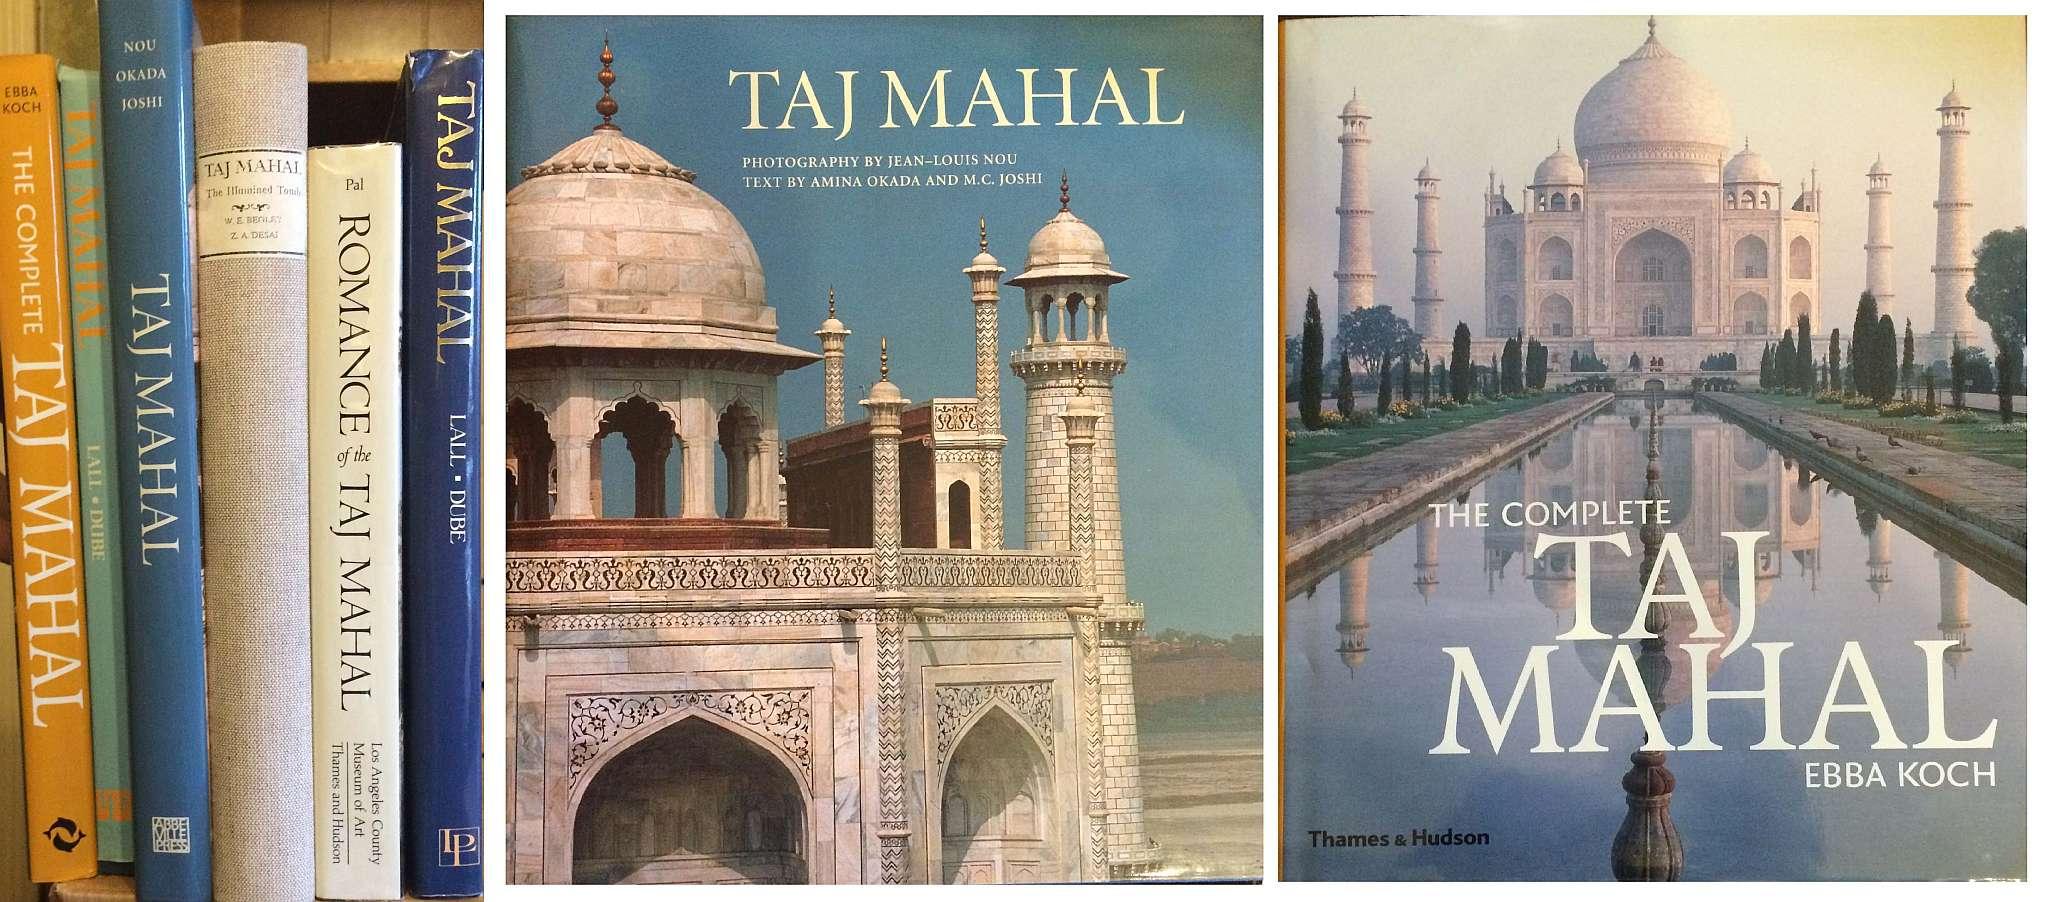 India Pakistan Large Books On The Taj Mahal Six Large